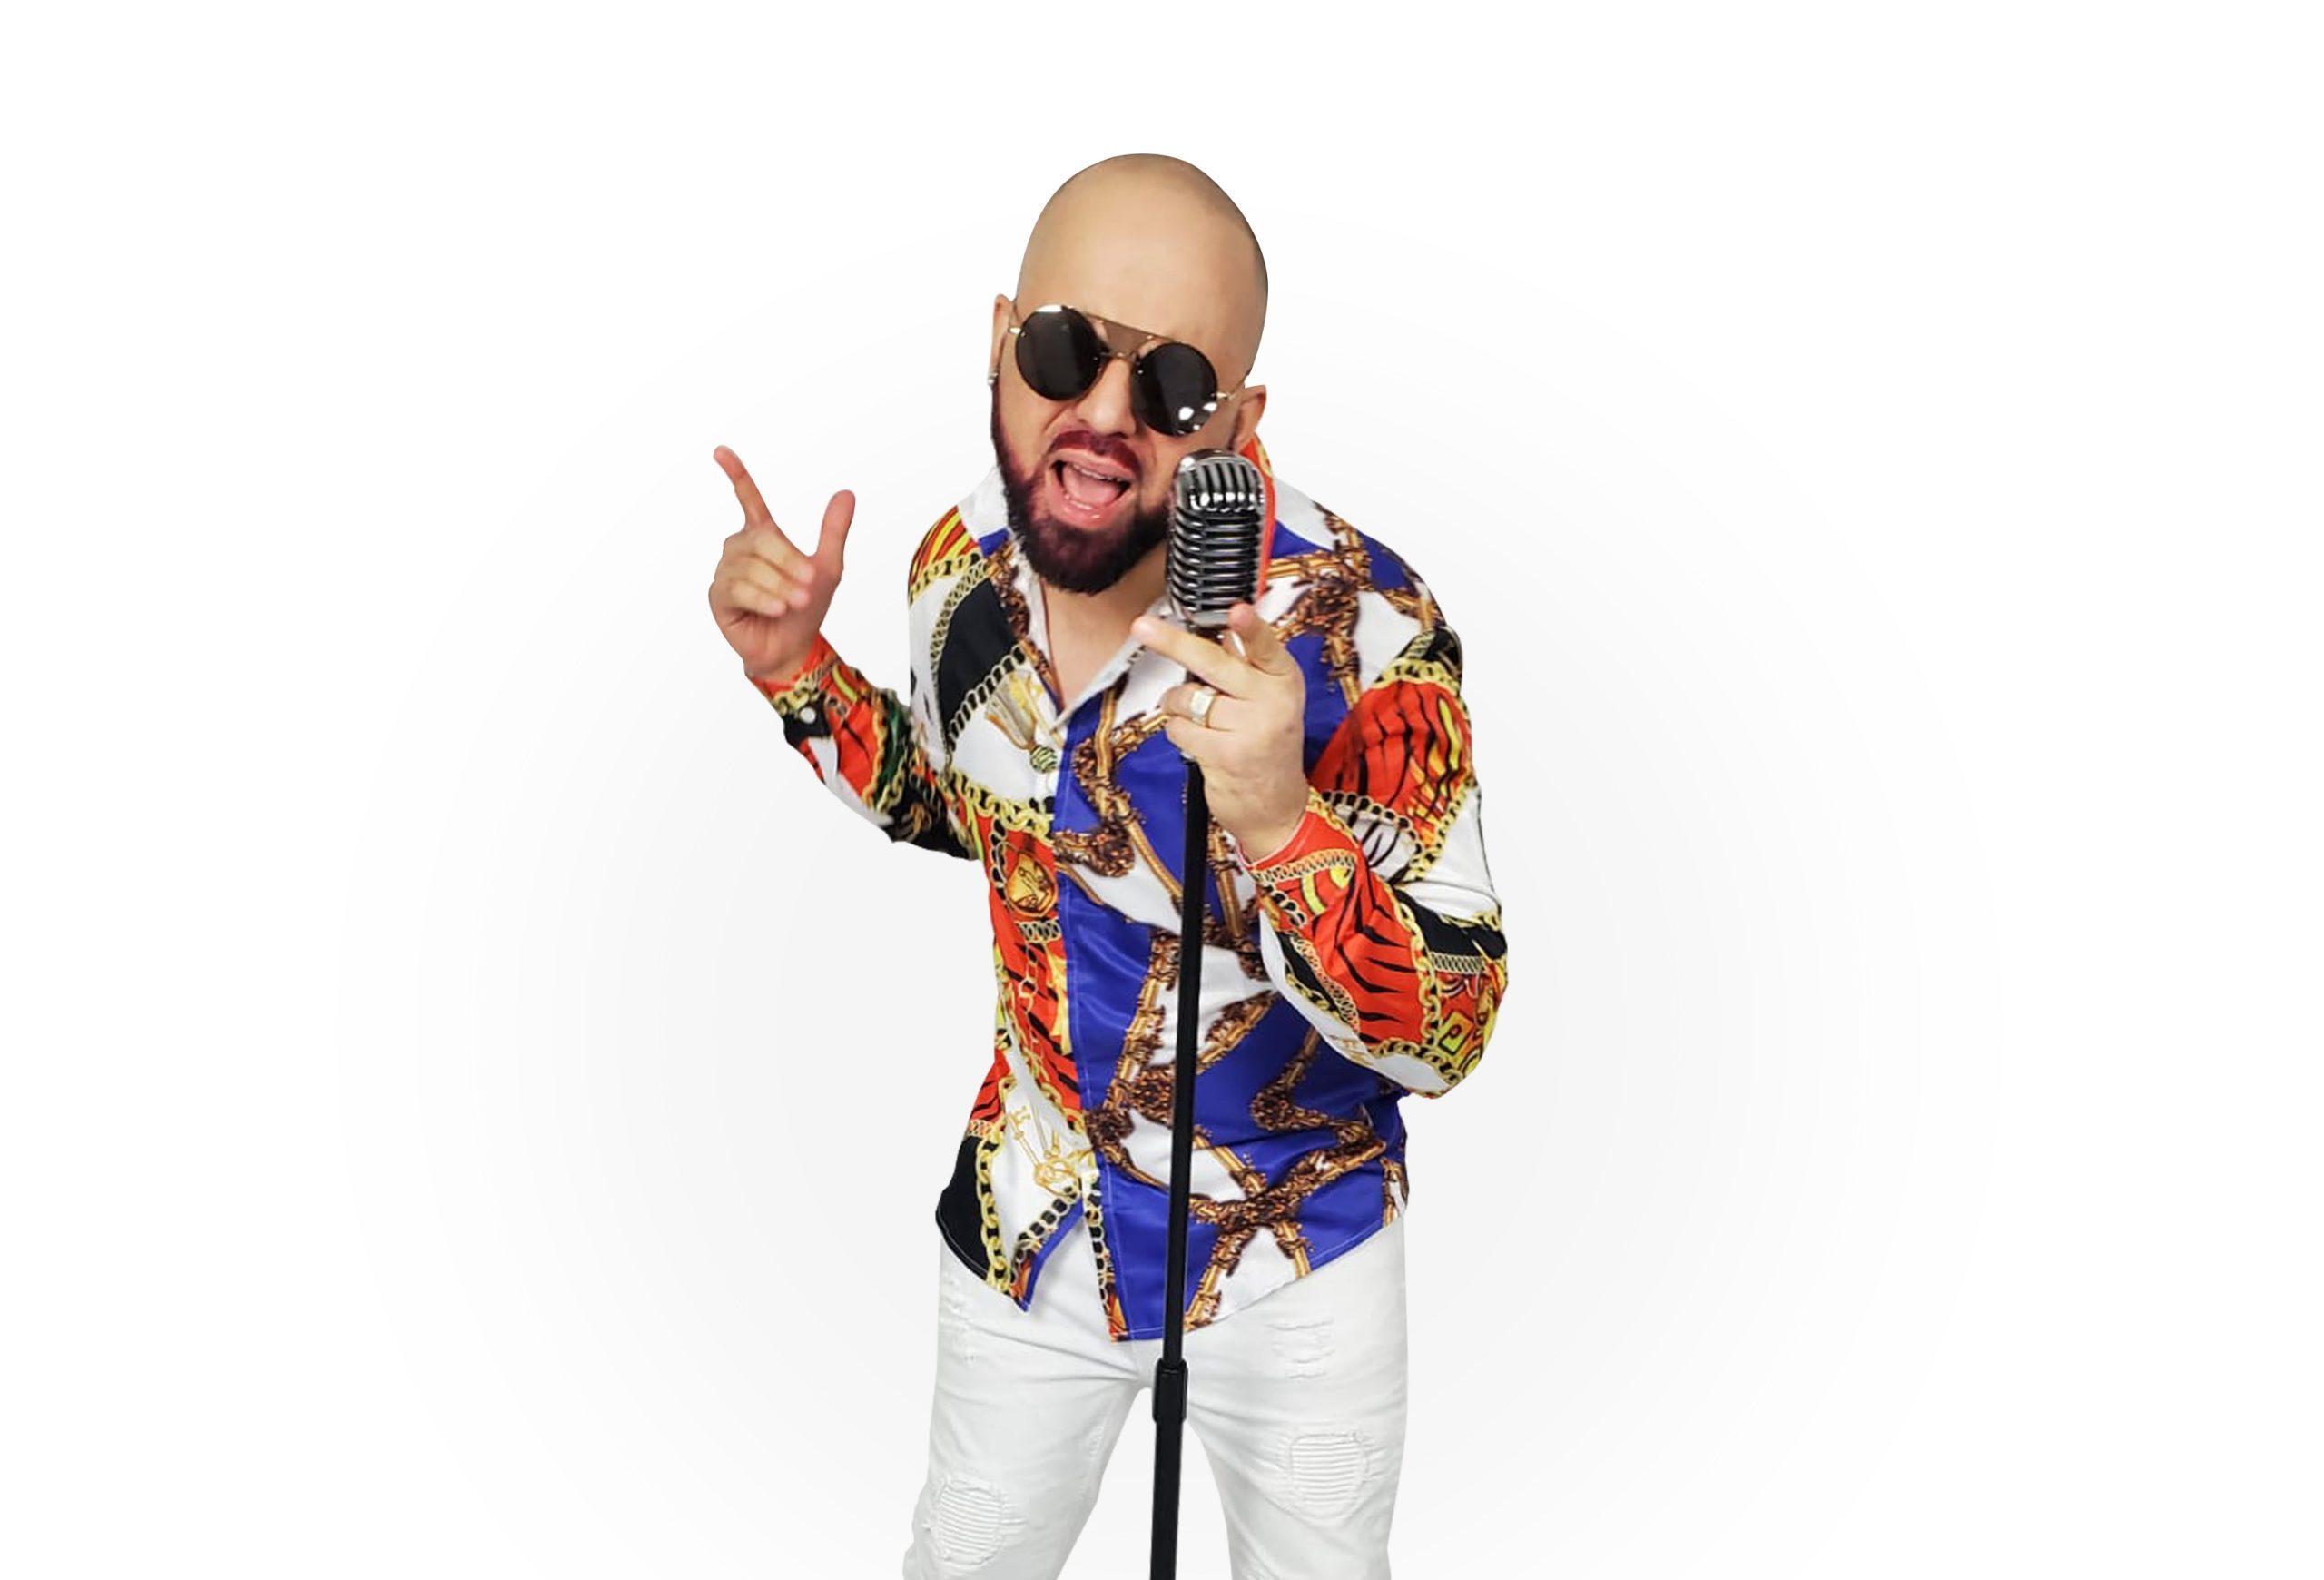 Nuevo Hit El Artista, cantante de raíces hondureñas que busca un lugar en la música